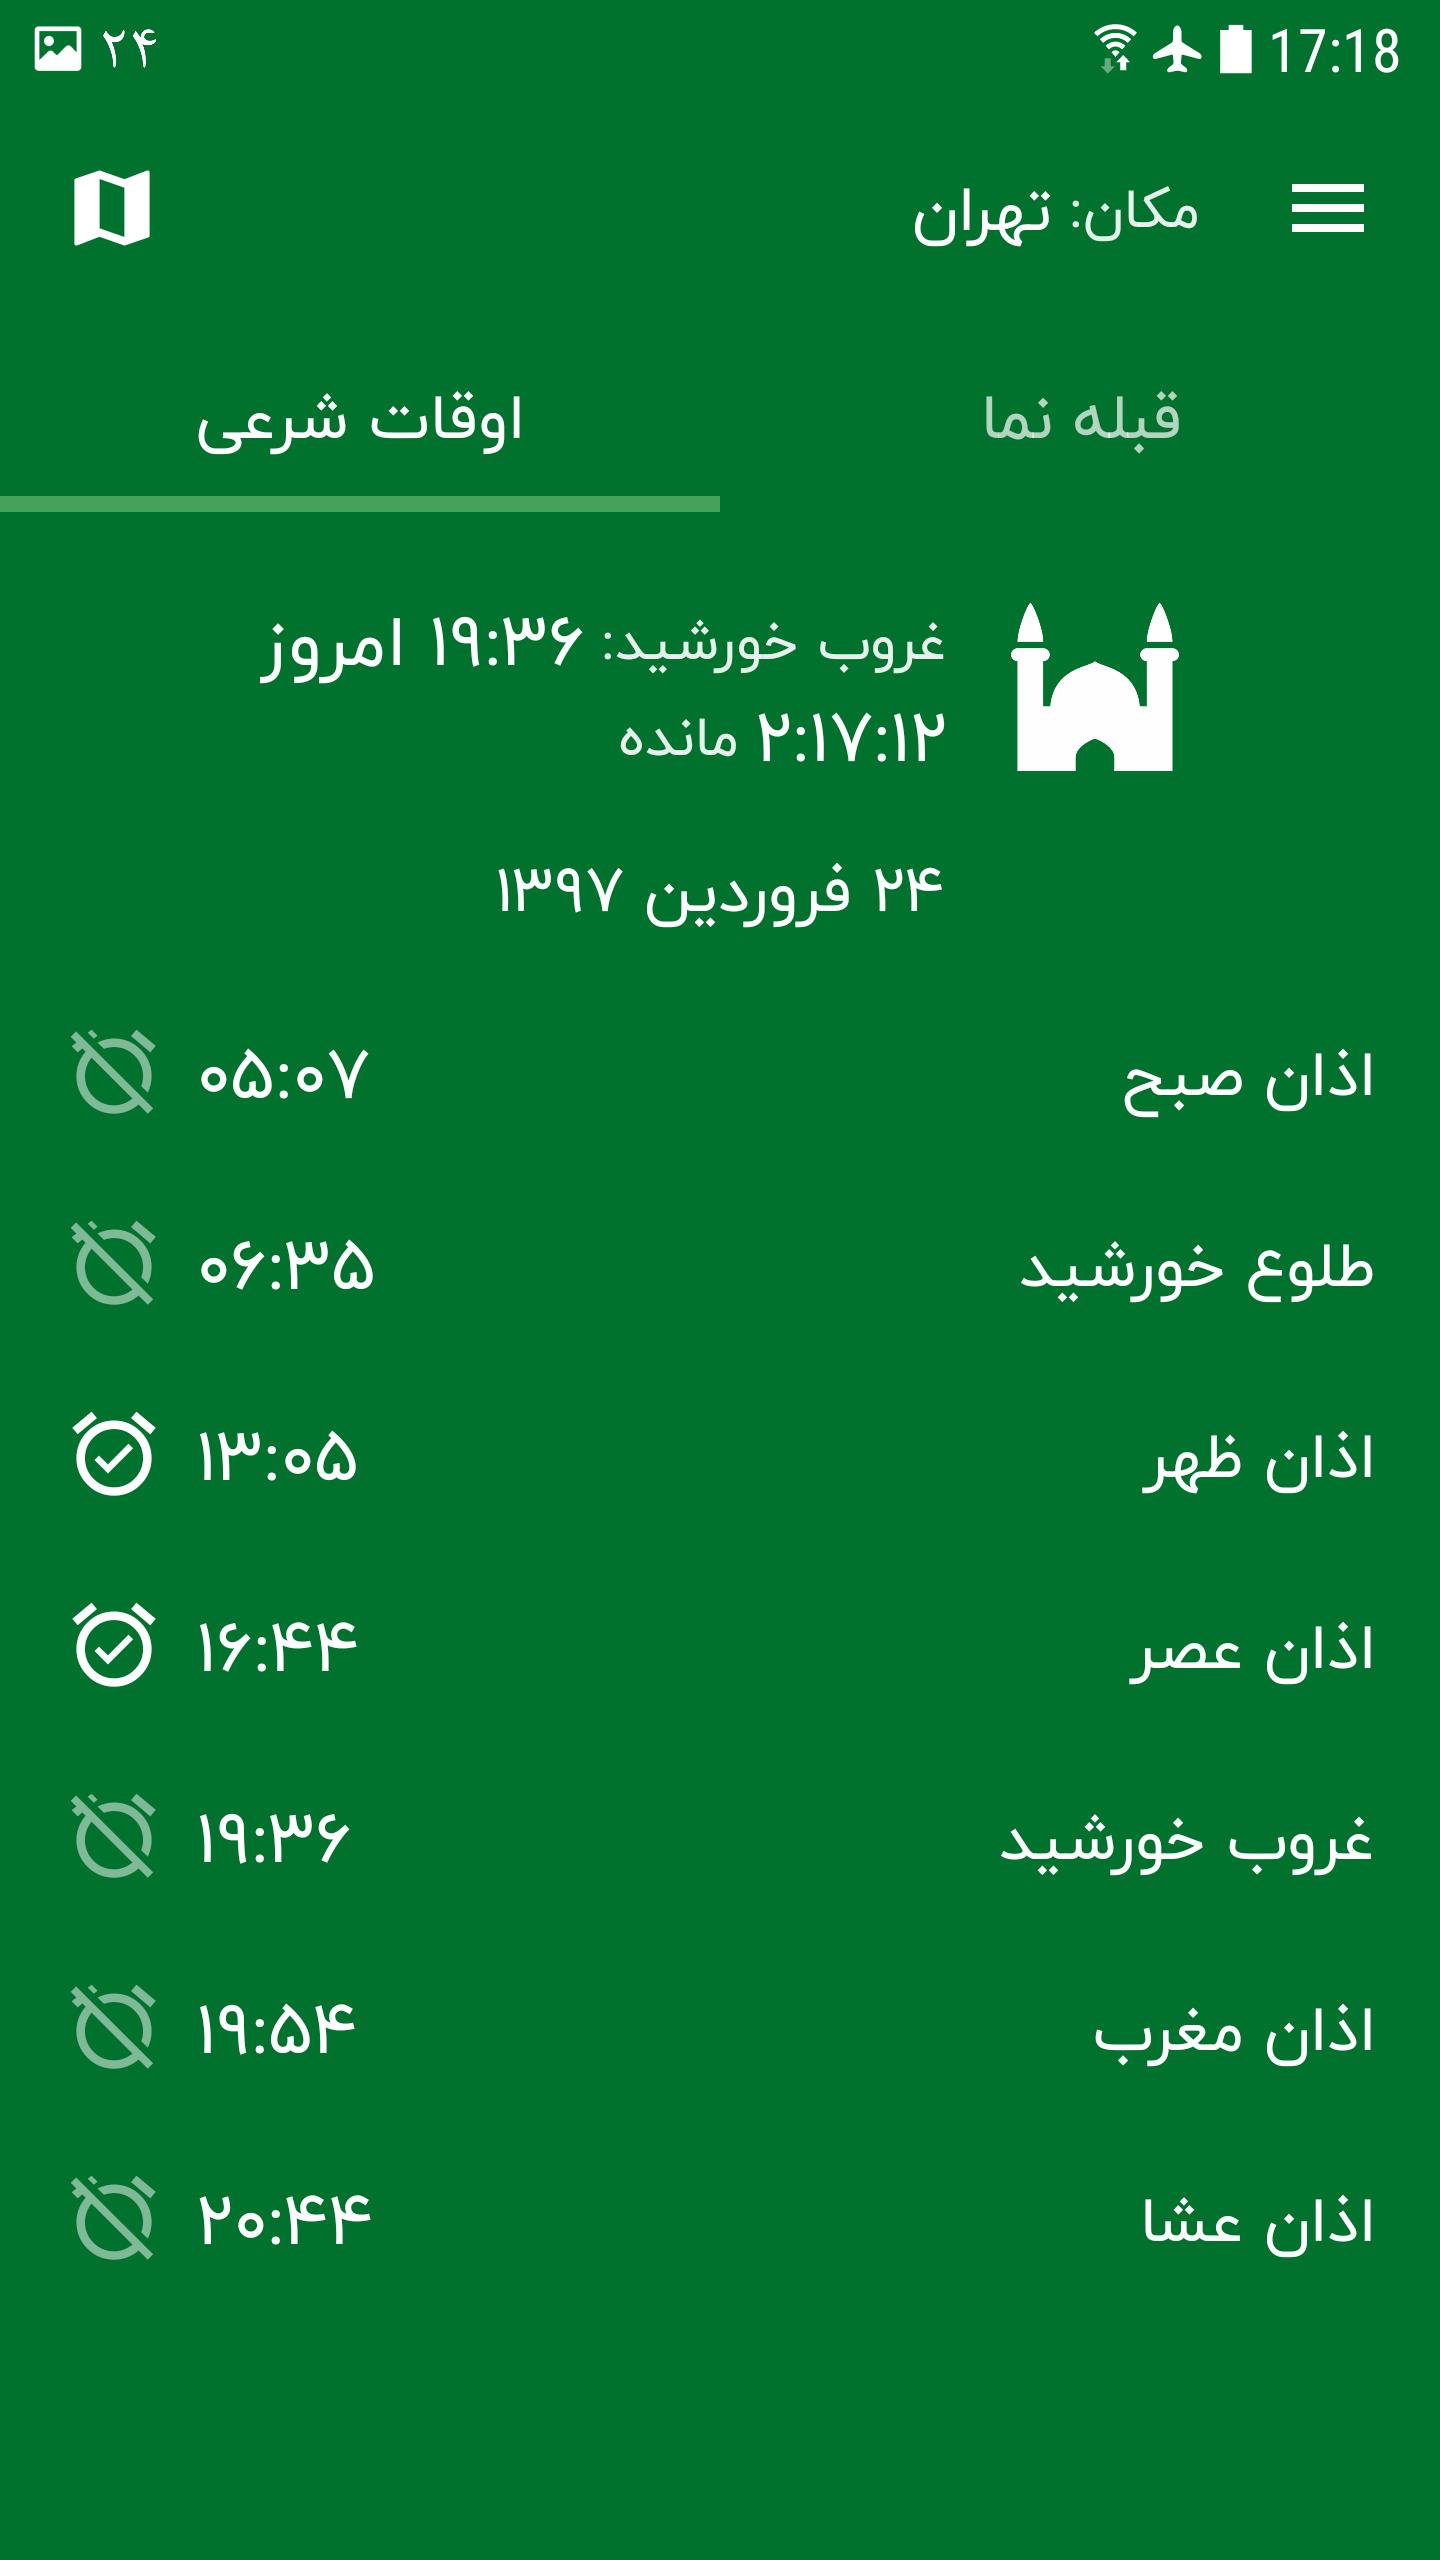 تصویر 3 برنامه قبله نما و اعلان وقت نماز